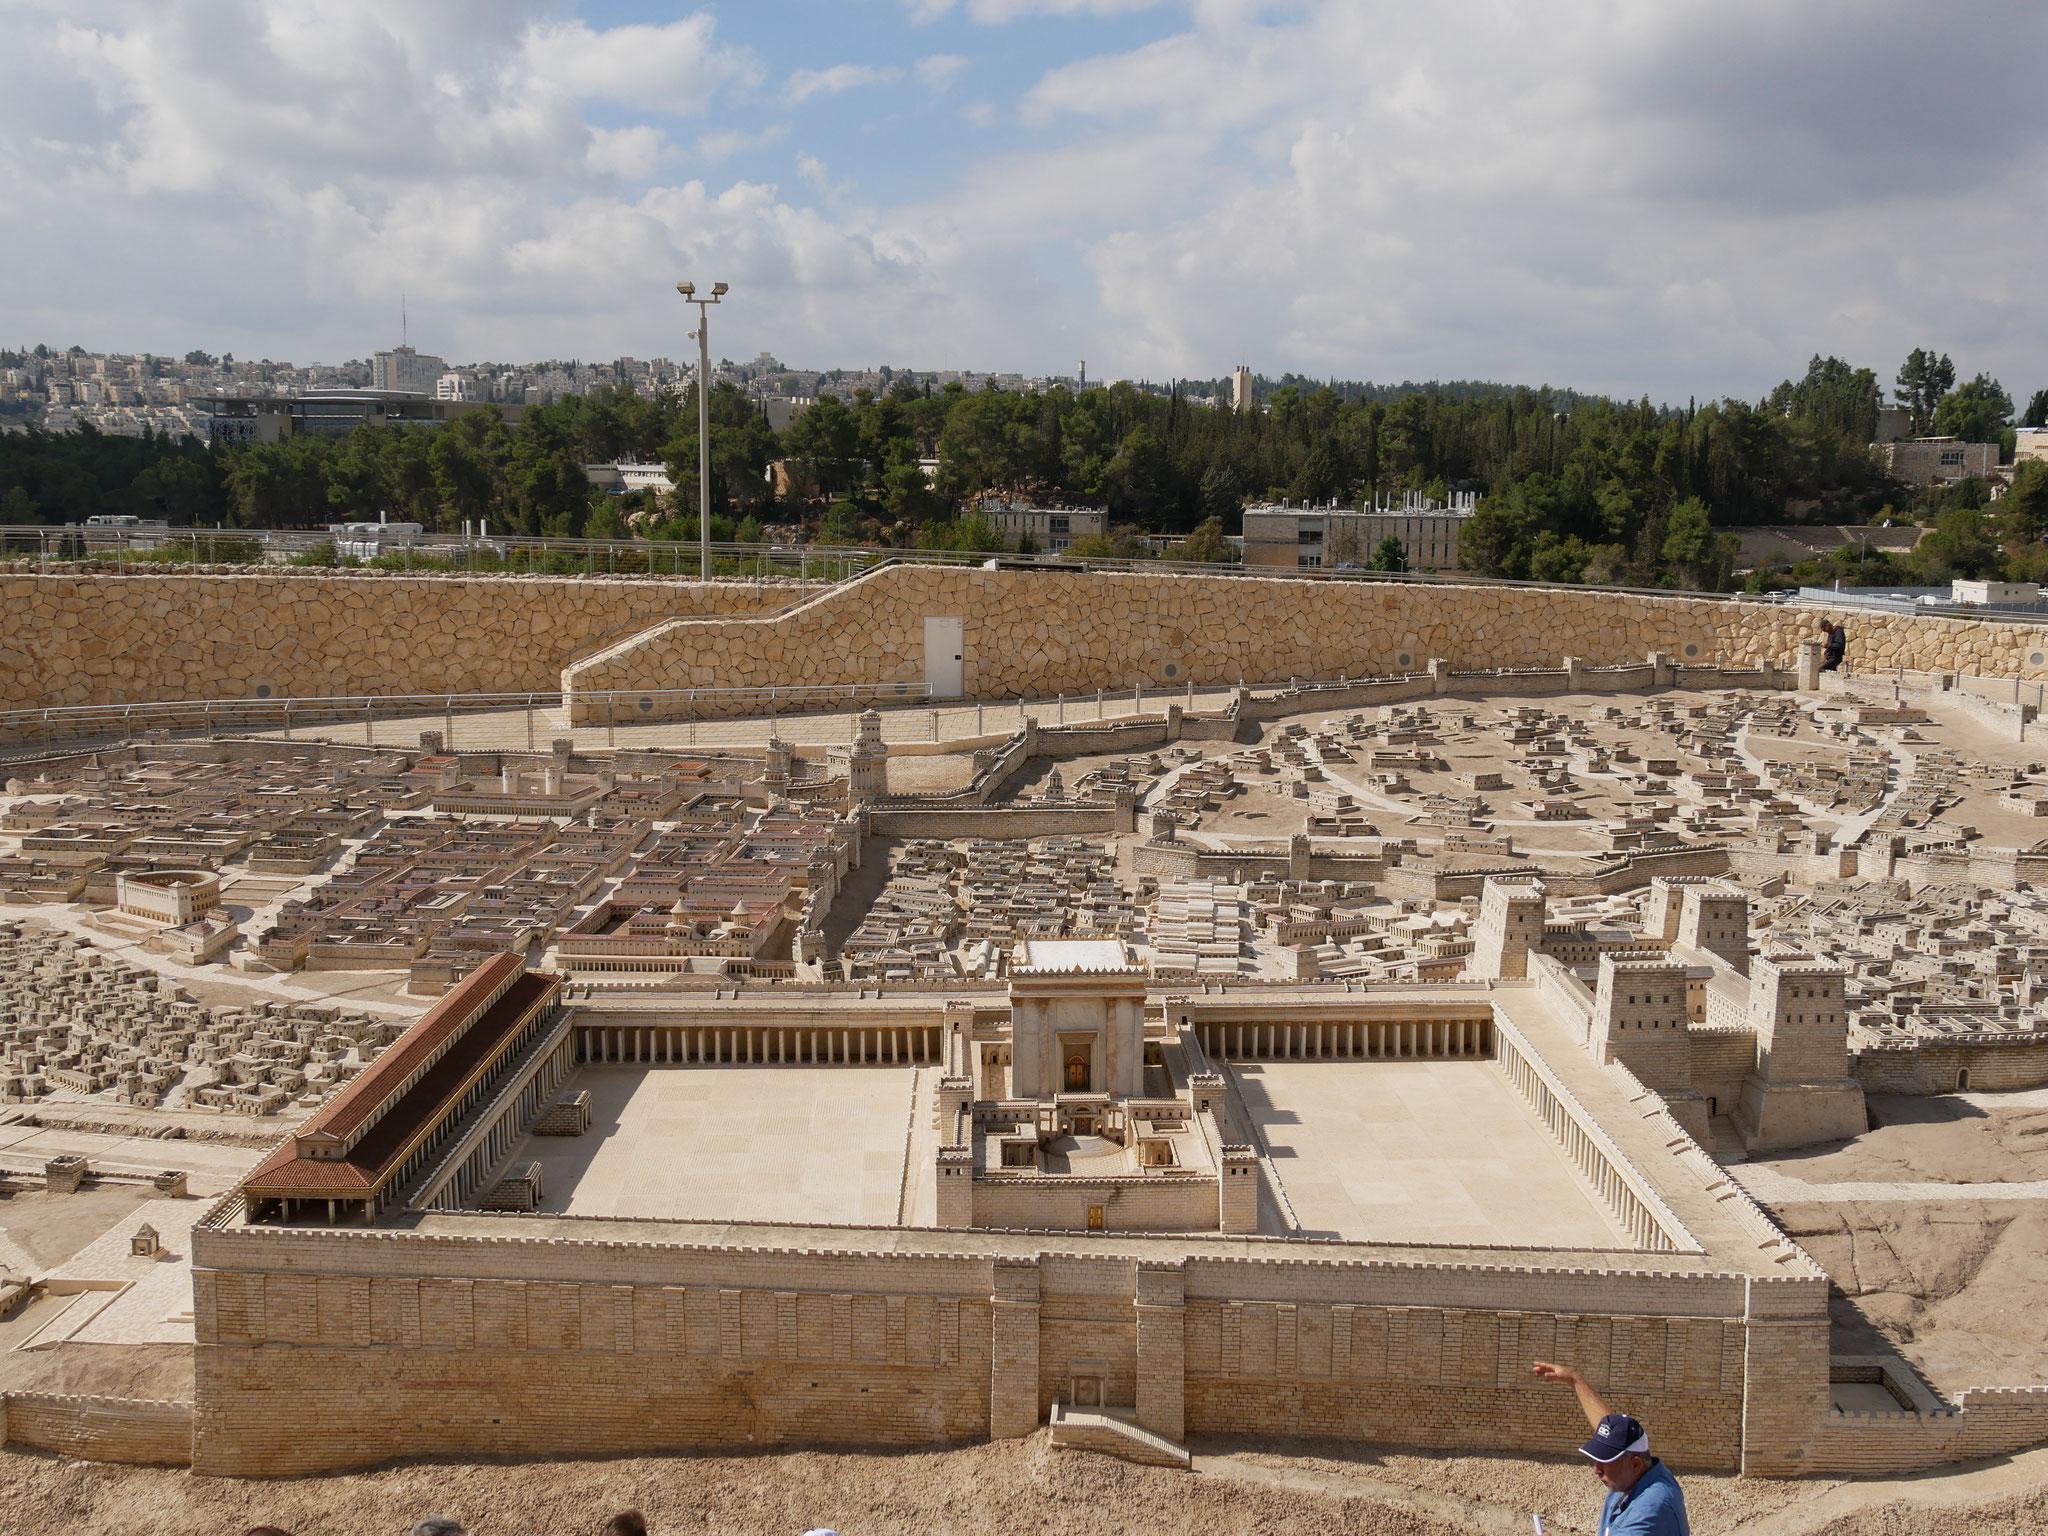 Im Israel-Museum - ein Modell 1 : 50 der Stadt Jerusalem zur Zeit Jesu, hier der Tempelberg